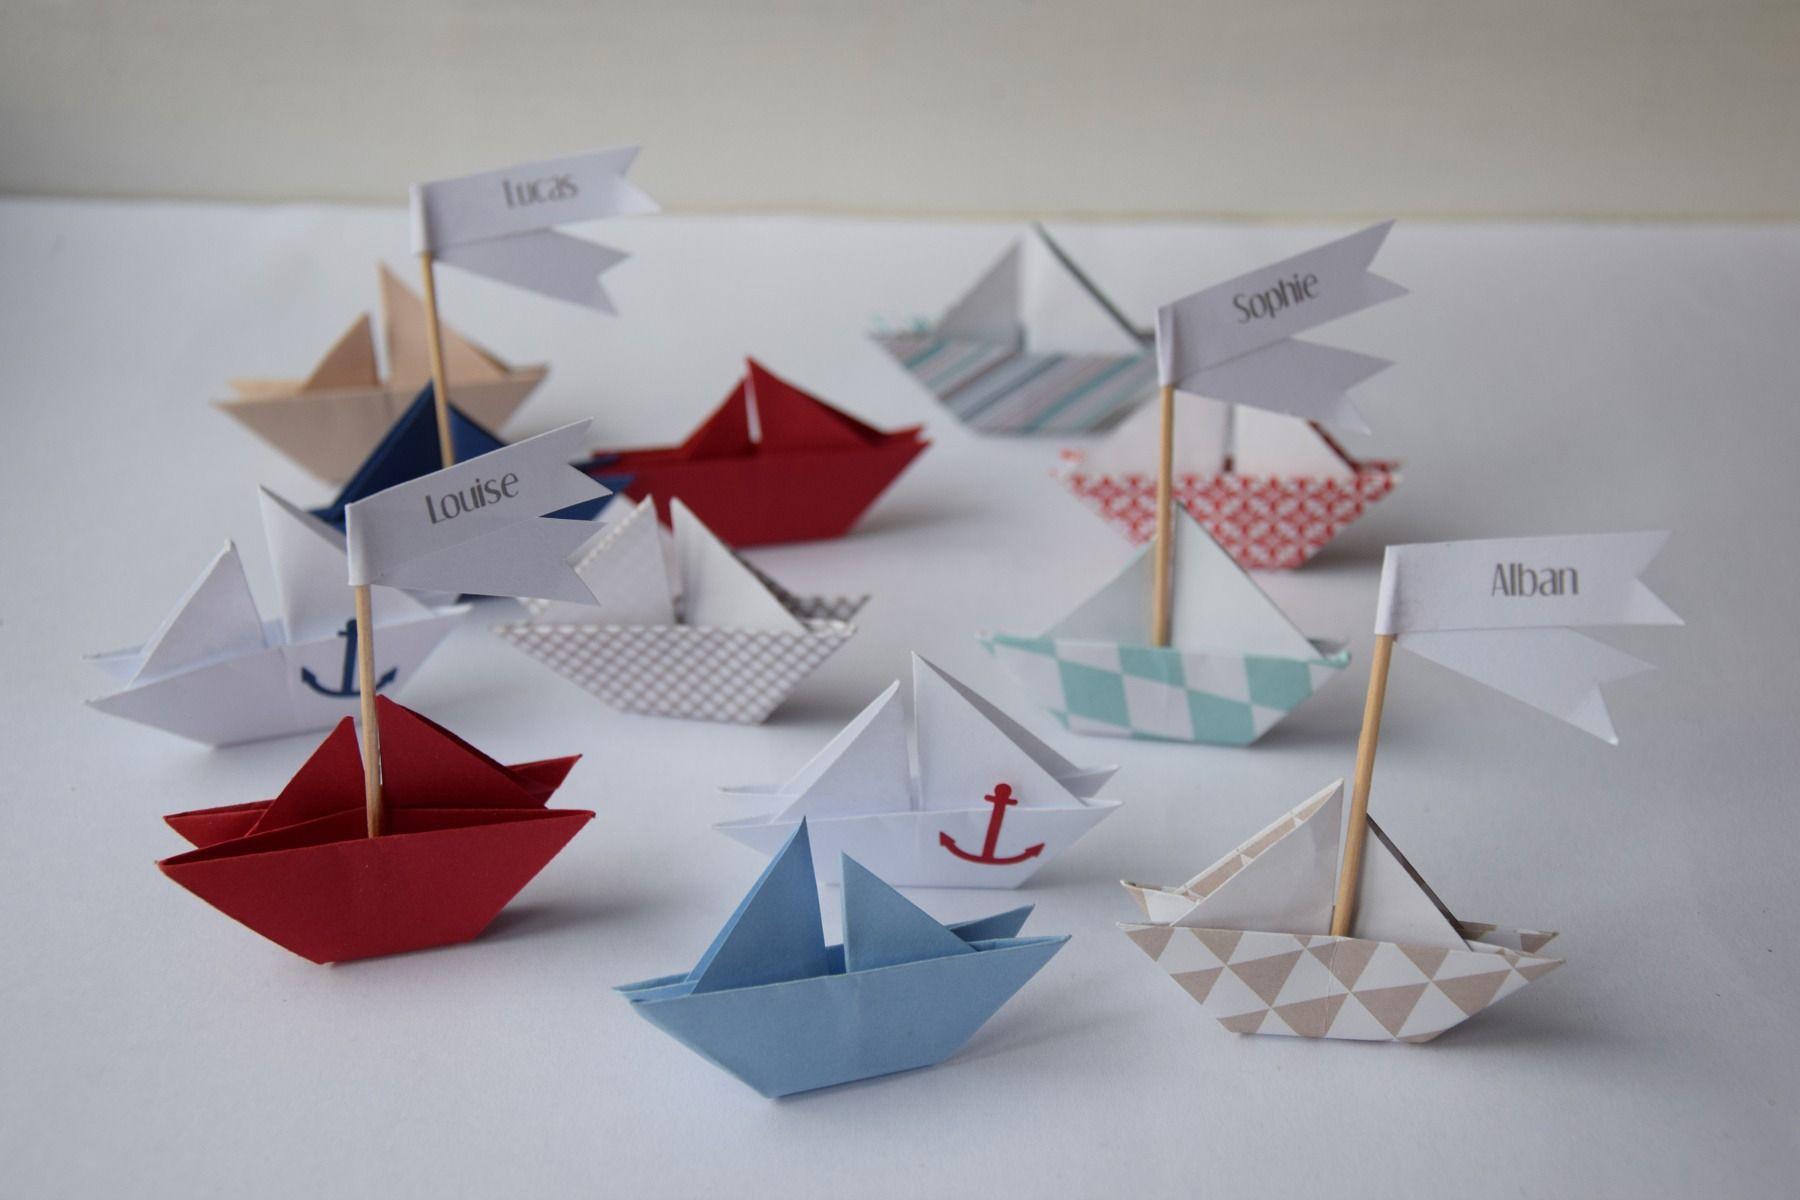 10 Marque Places Theme Marin Petit Bateau Origami Bleu Rouge Beige Accessoires De Maison Par Tresors D En Deco Theme Marin Origami Bateau Bapteme Theme Marin